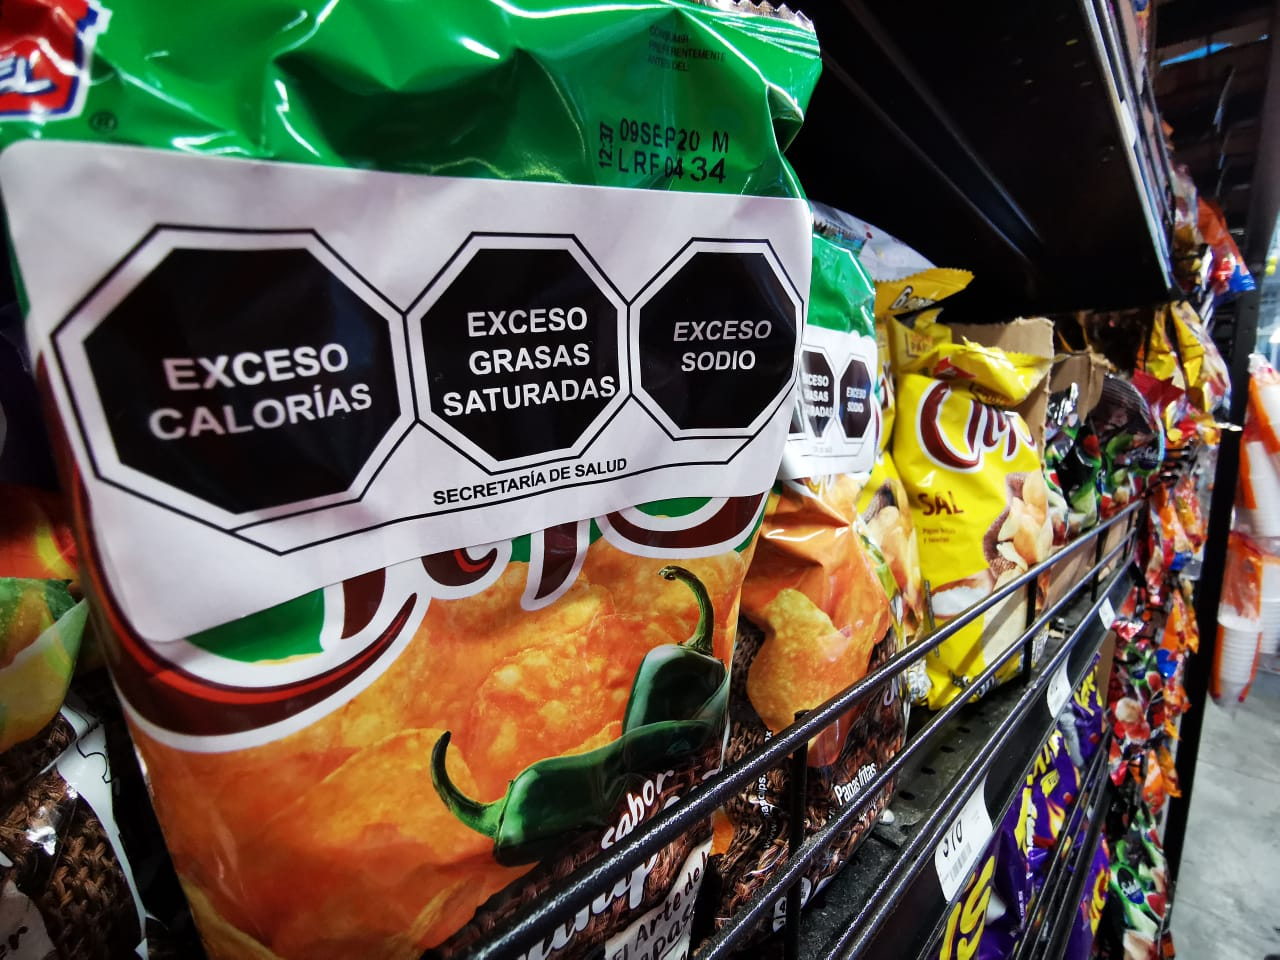 Nuevo etiquetado de alimentos busca consumo saludable y reformulación de productos - Contralinea